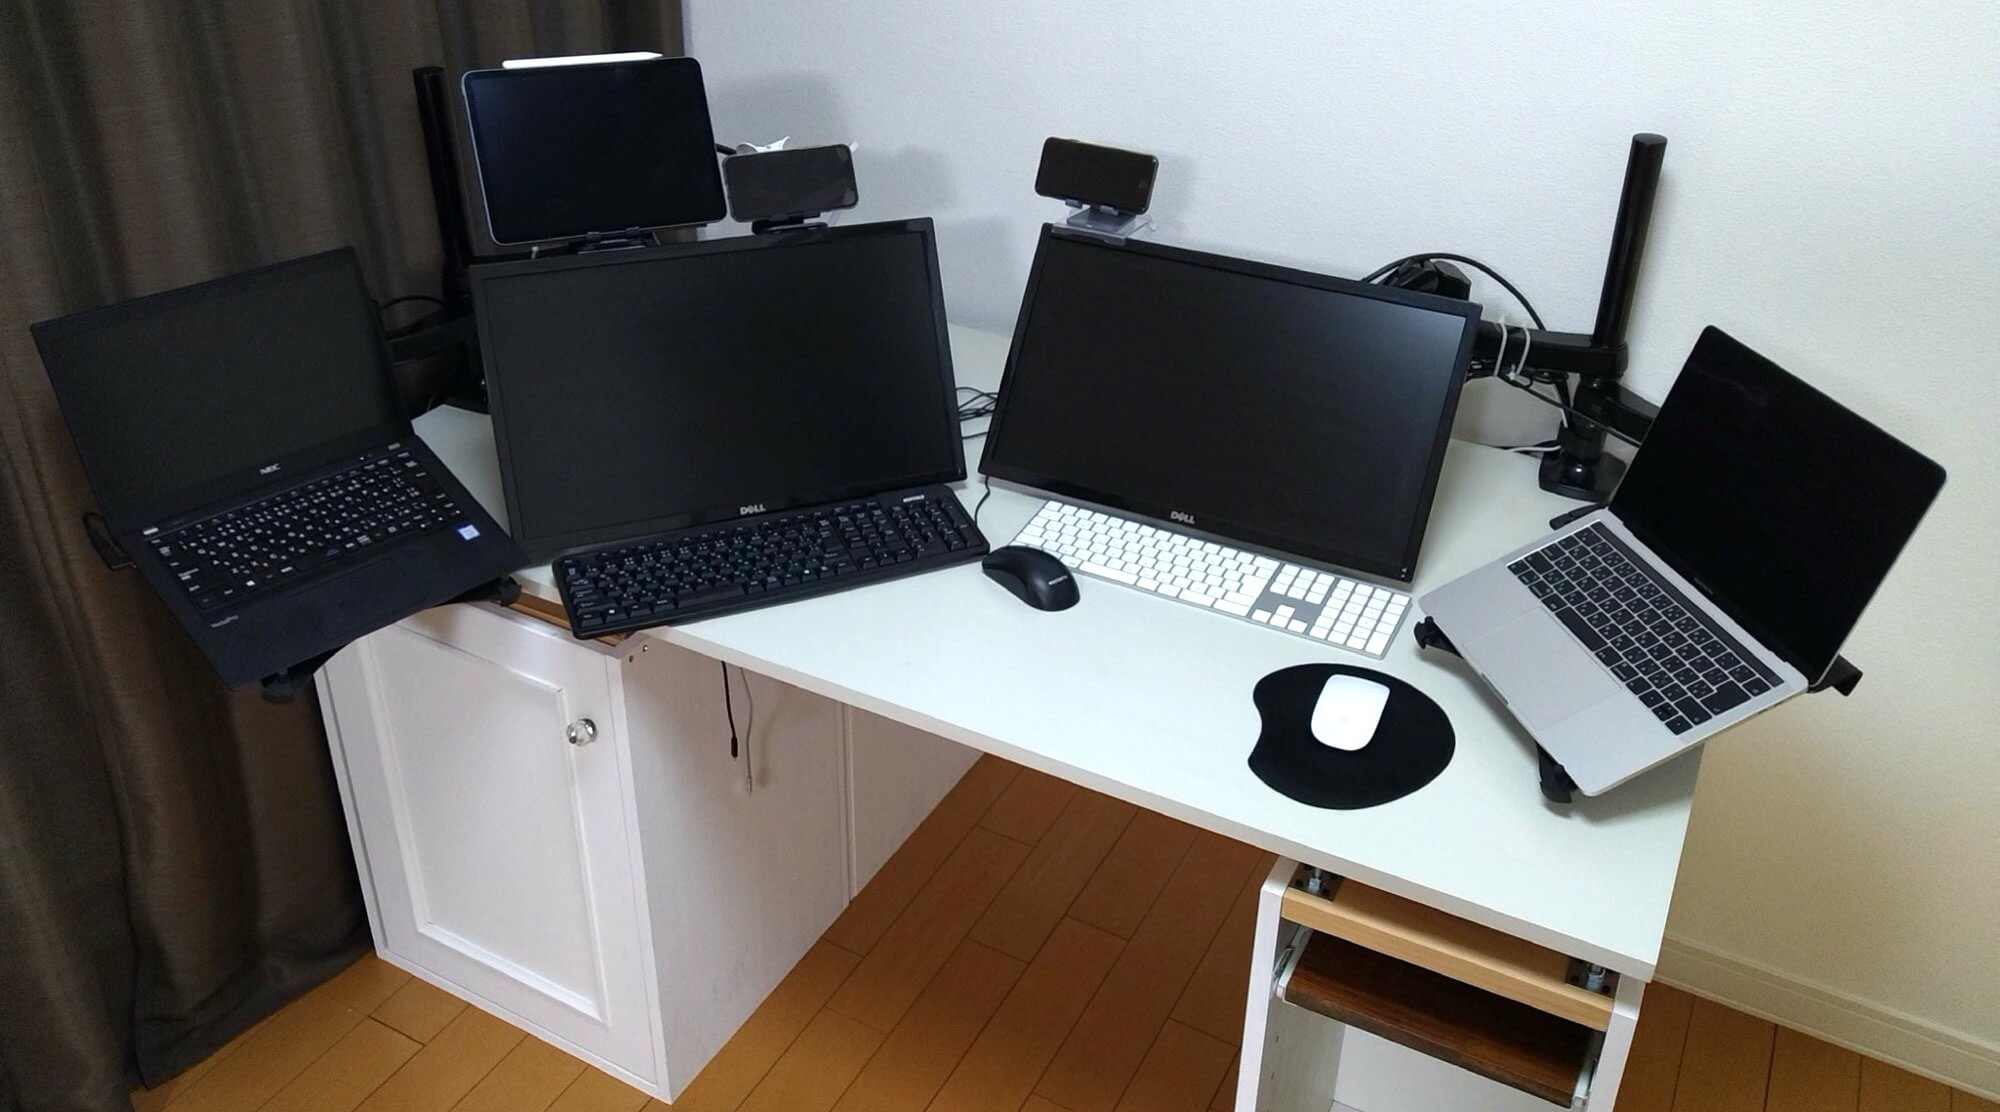 作業テーブルと液晶ディスプレイが接している/モニター&ノートPC用アームとダイソーのスマホホルダーで机を快適に